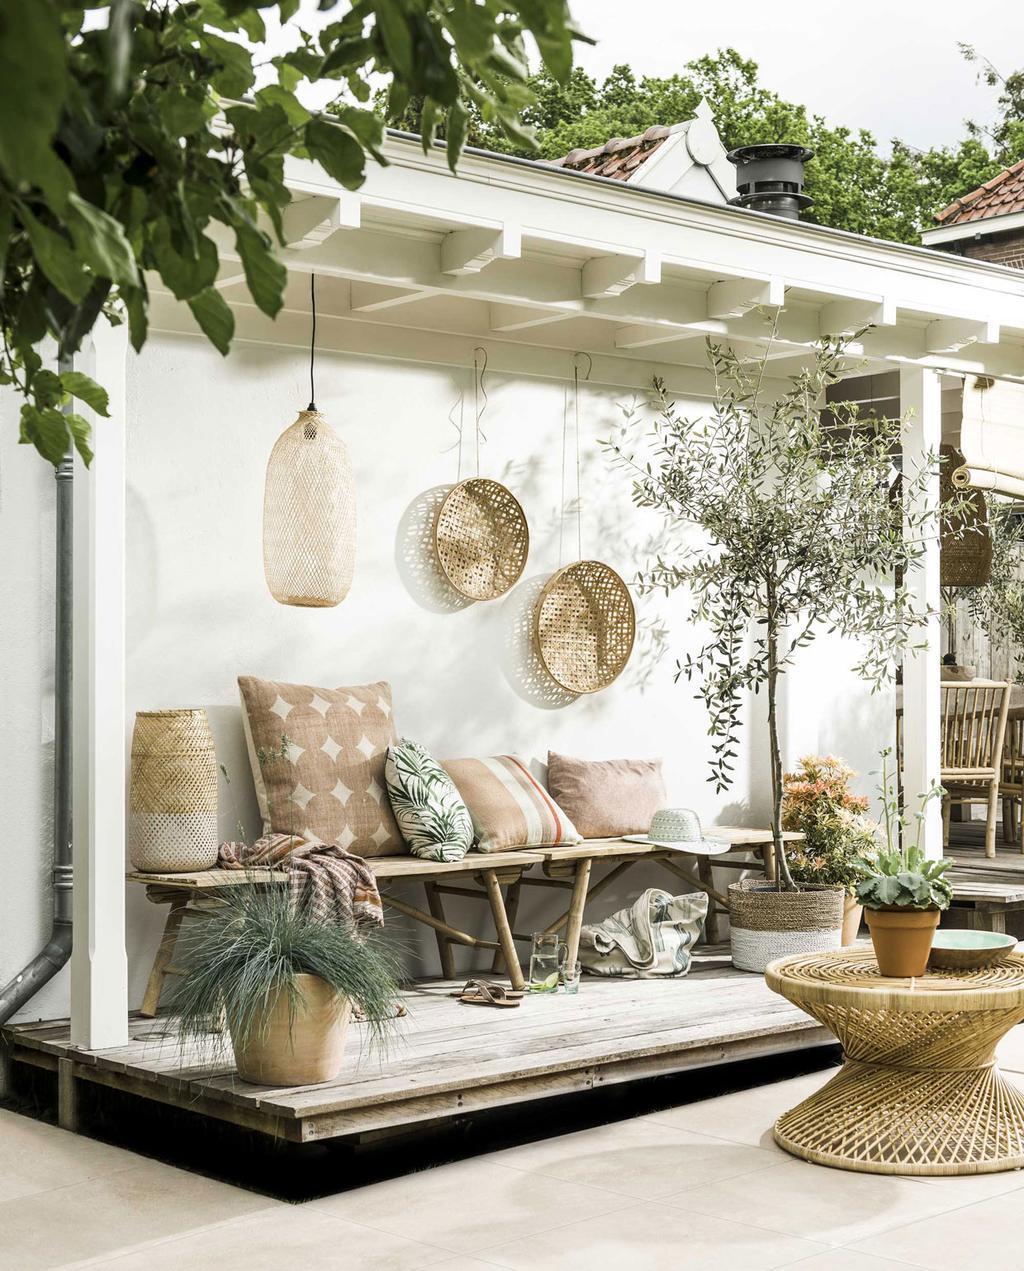 overdekt terras met rieten manden aan de muur en een rieten bijzettafel